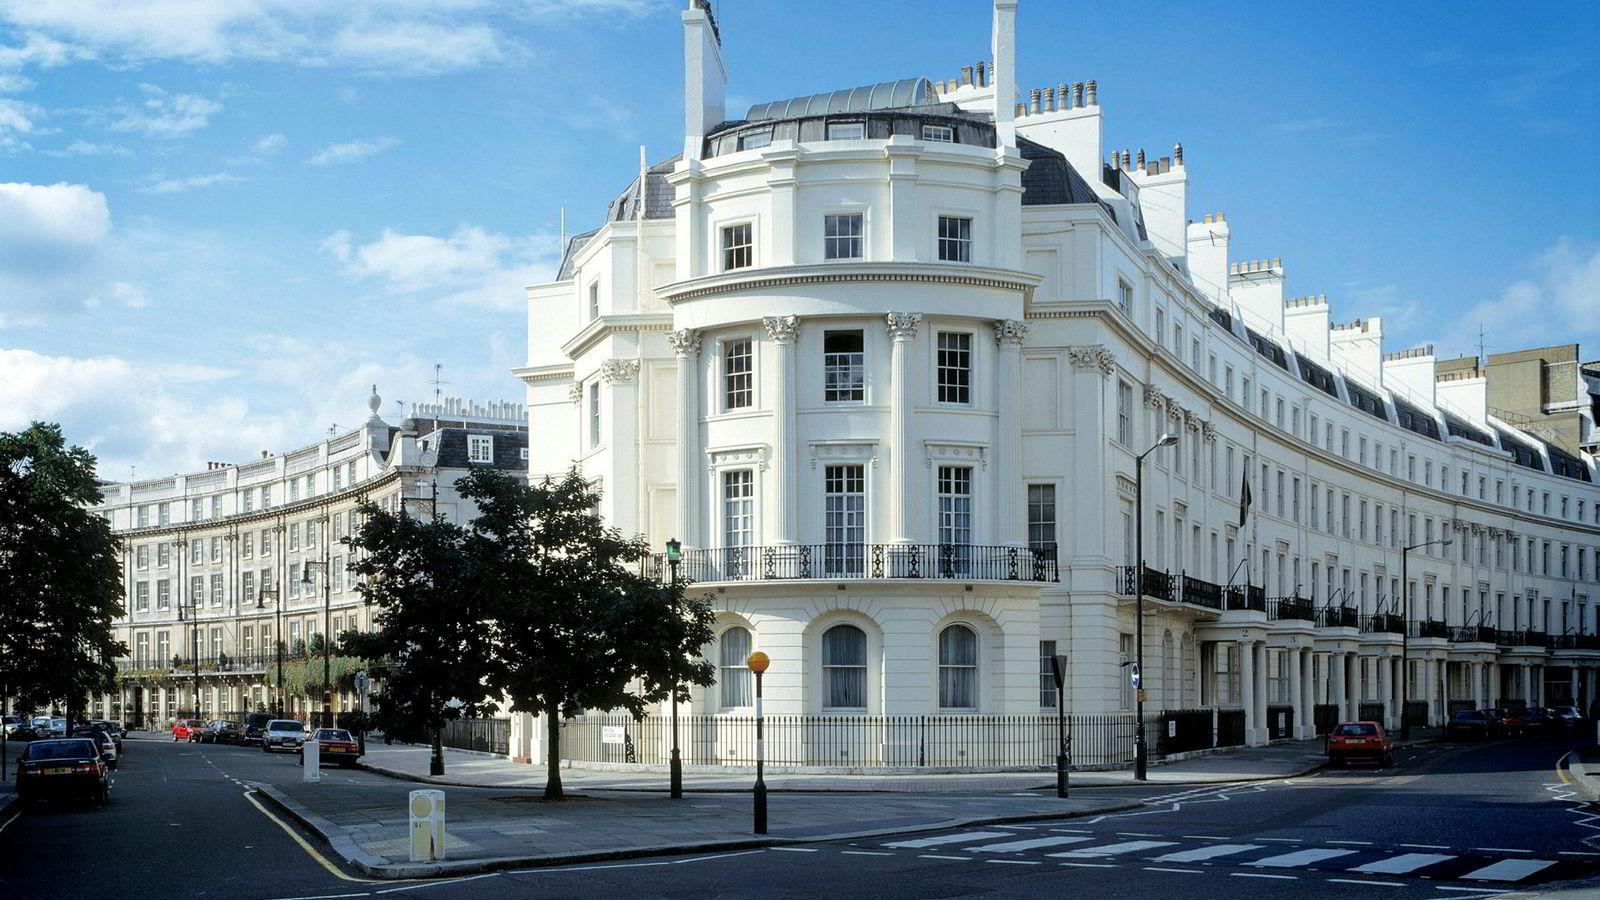 Rike mennesker fra hele verden eier dyre eiendommer i London. Belgravia er et av de eksklusive områdene i byen som har tiltrukket seg utenlandske rikinger.